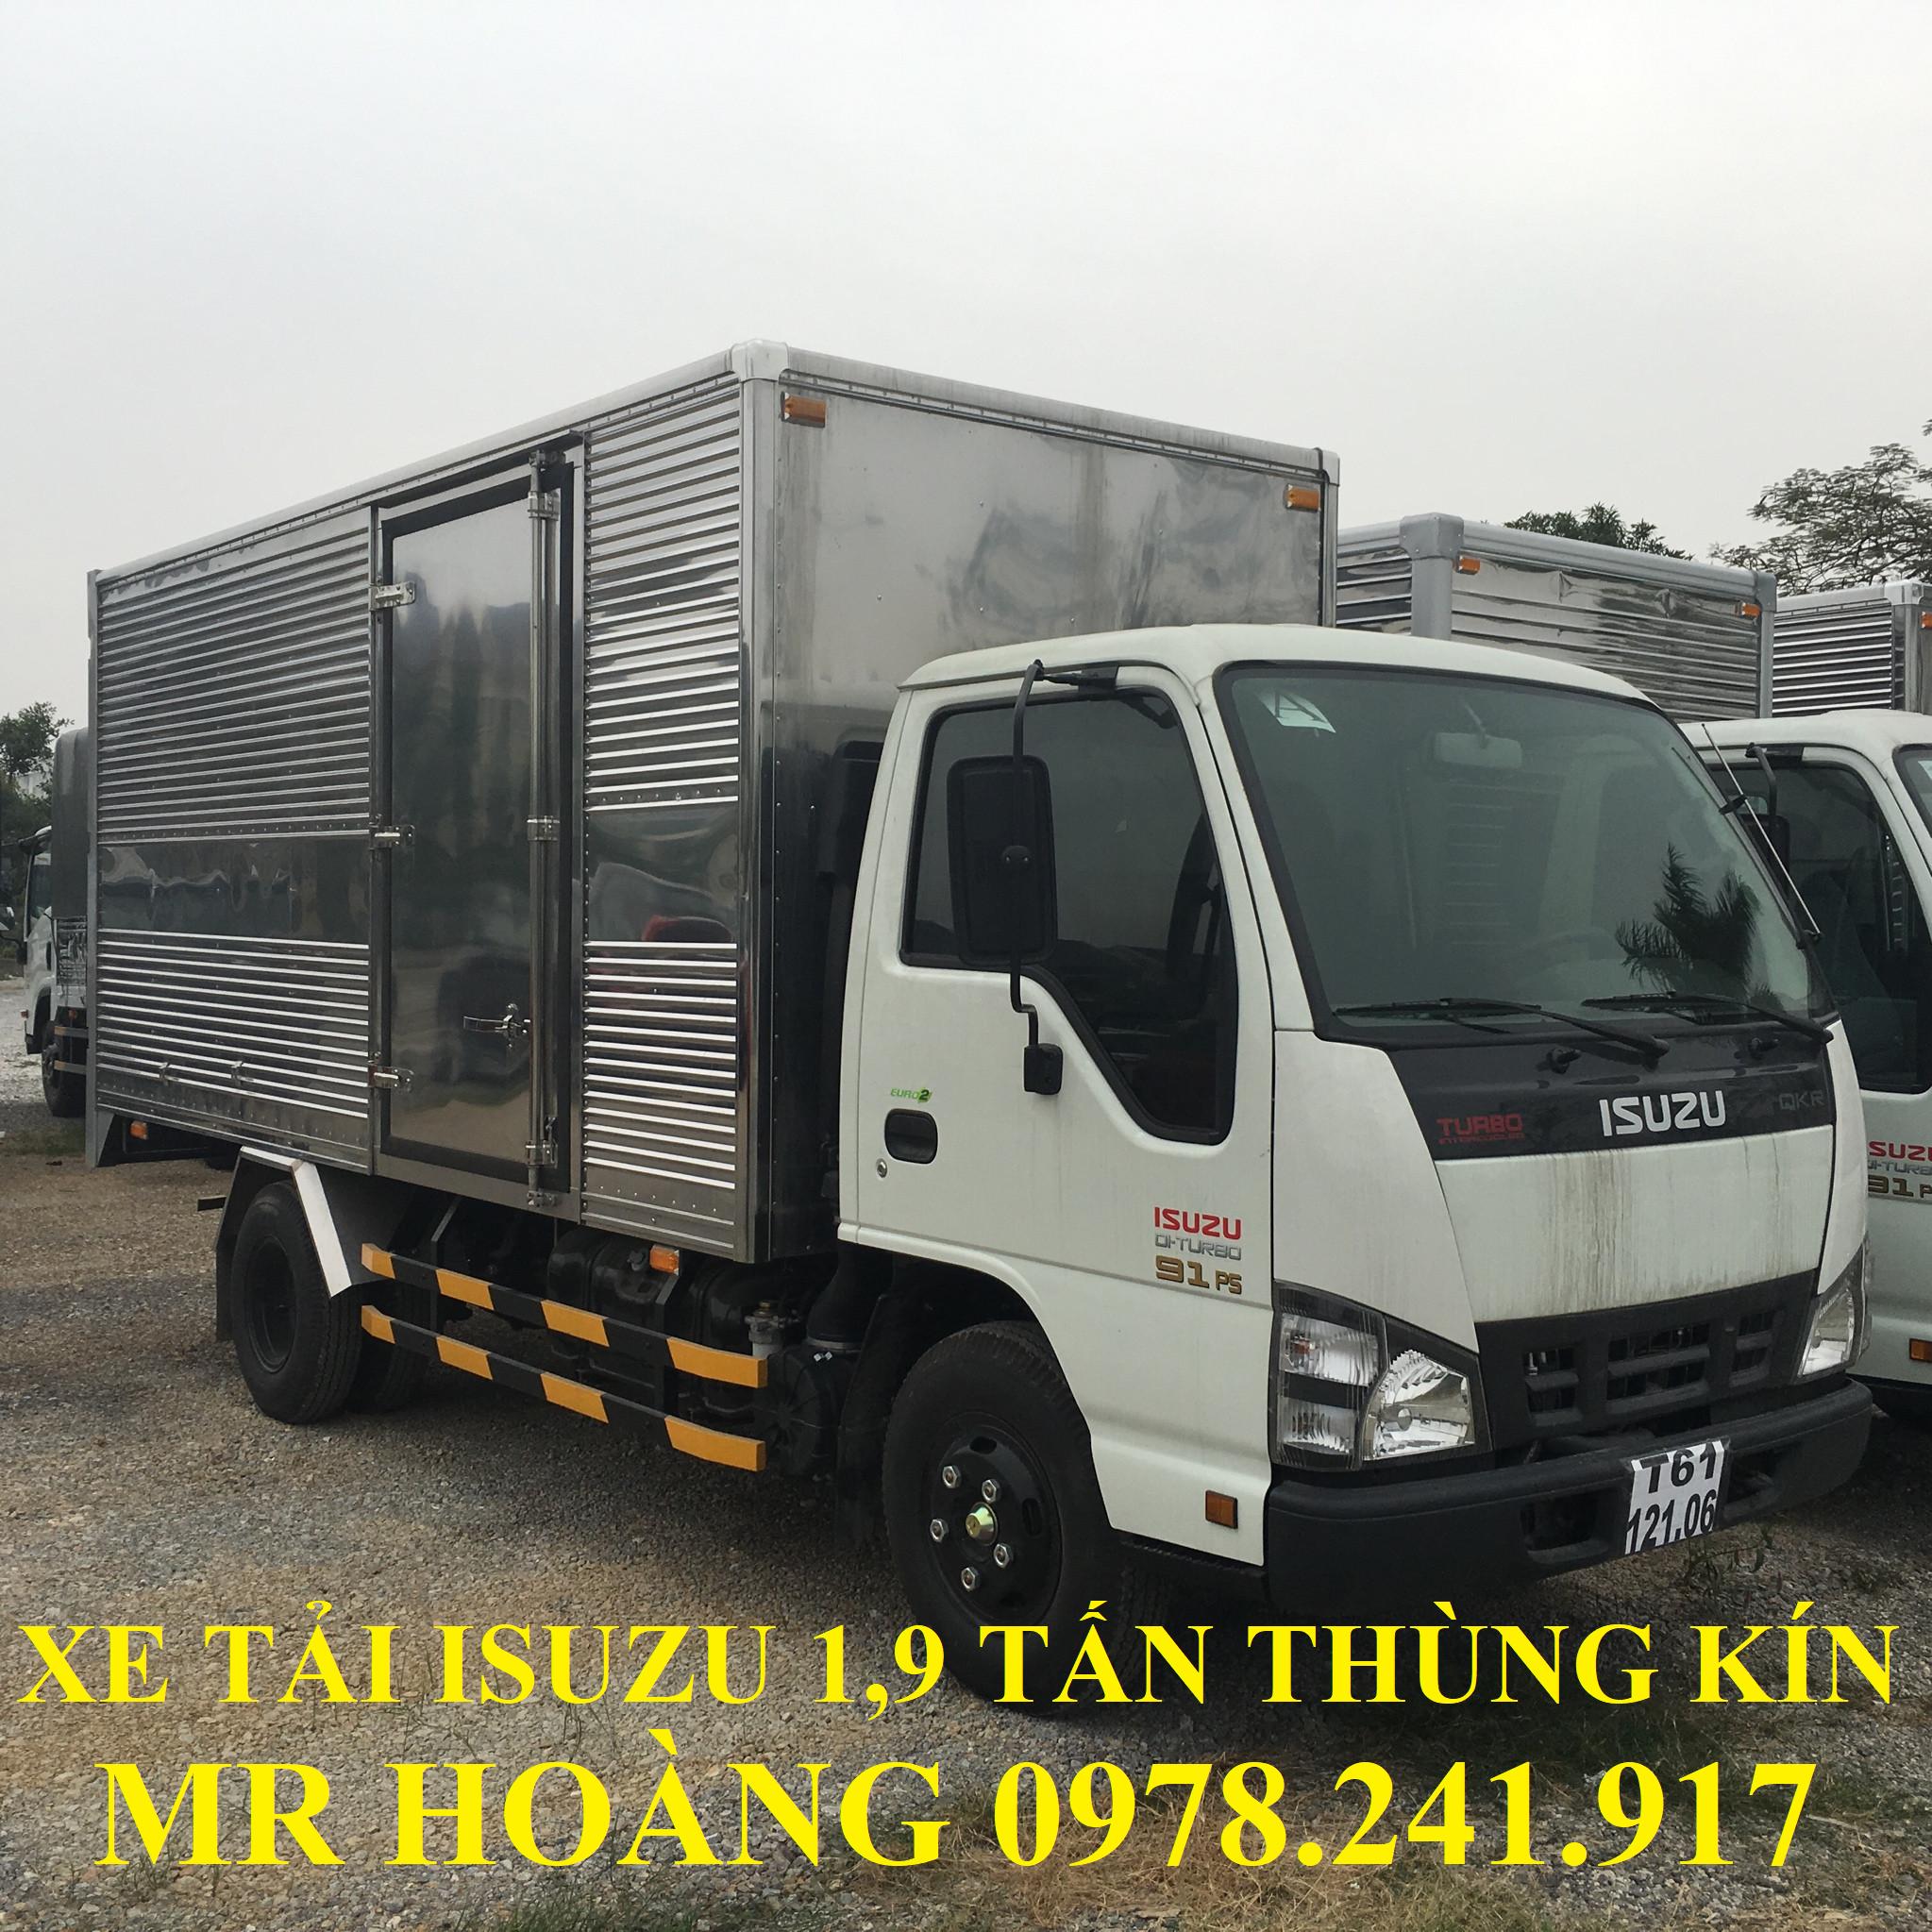 xe tải isuzu 1,9 tấn thùng kín